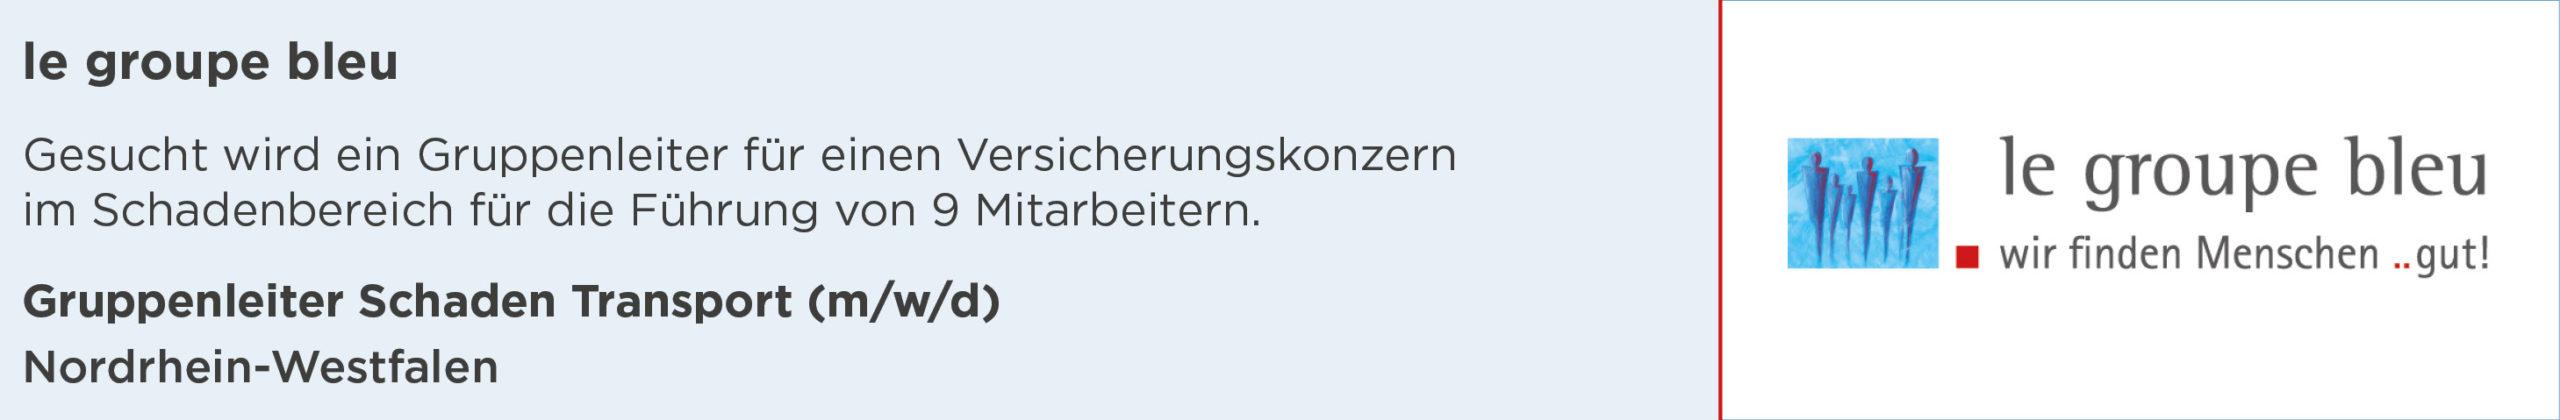 le groupe bleu, stellenanzeige, experte mobilität schaden, nordrhein-westfalen